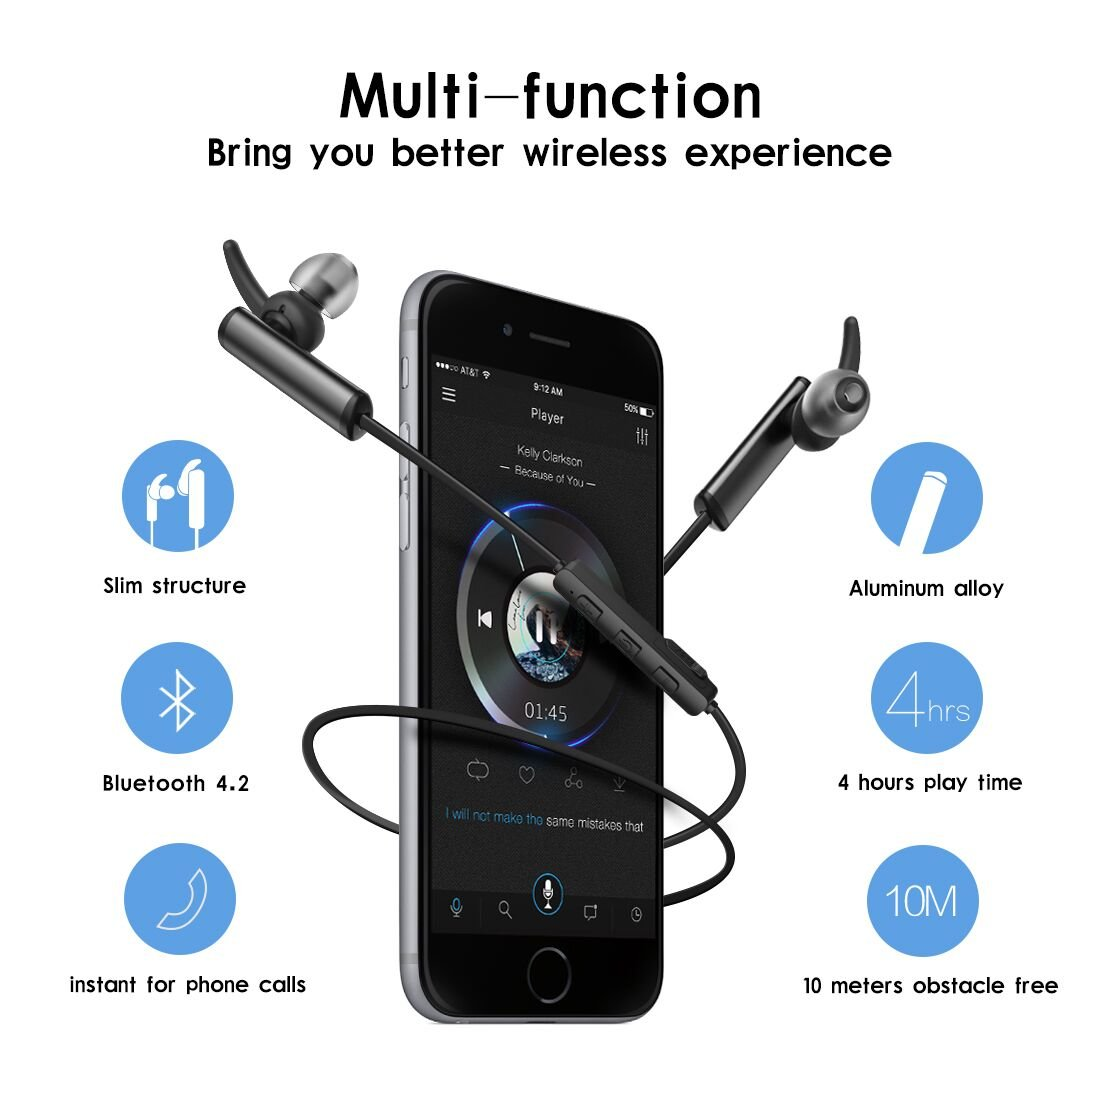 Auriculares Bluetooth 4.2 Syllable D300L Auriculares Inalámbricos Portátil Deportivos in-ear con Micrófono para Manos Libres para iPhone, Android Smartphone ...